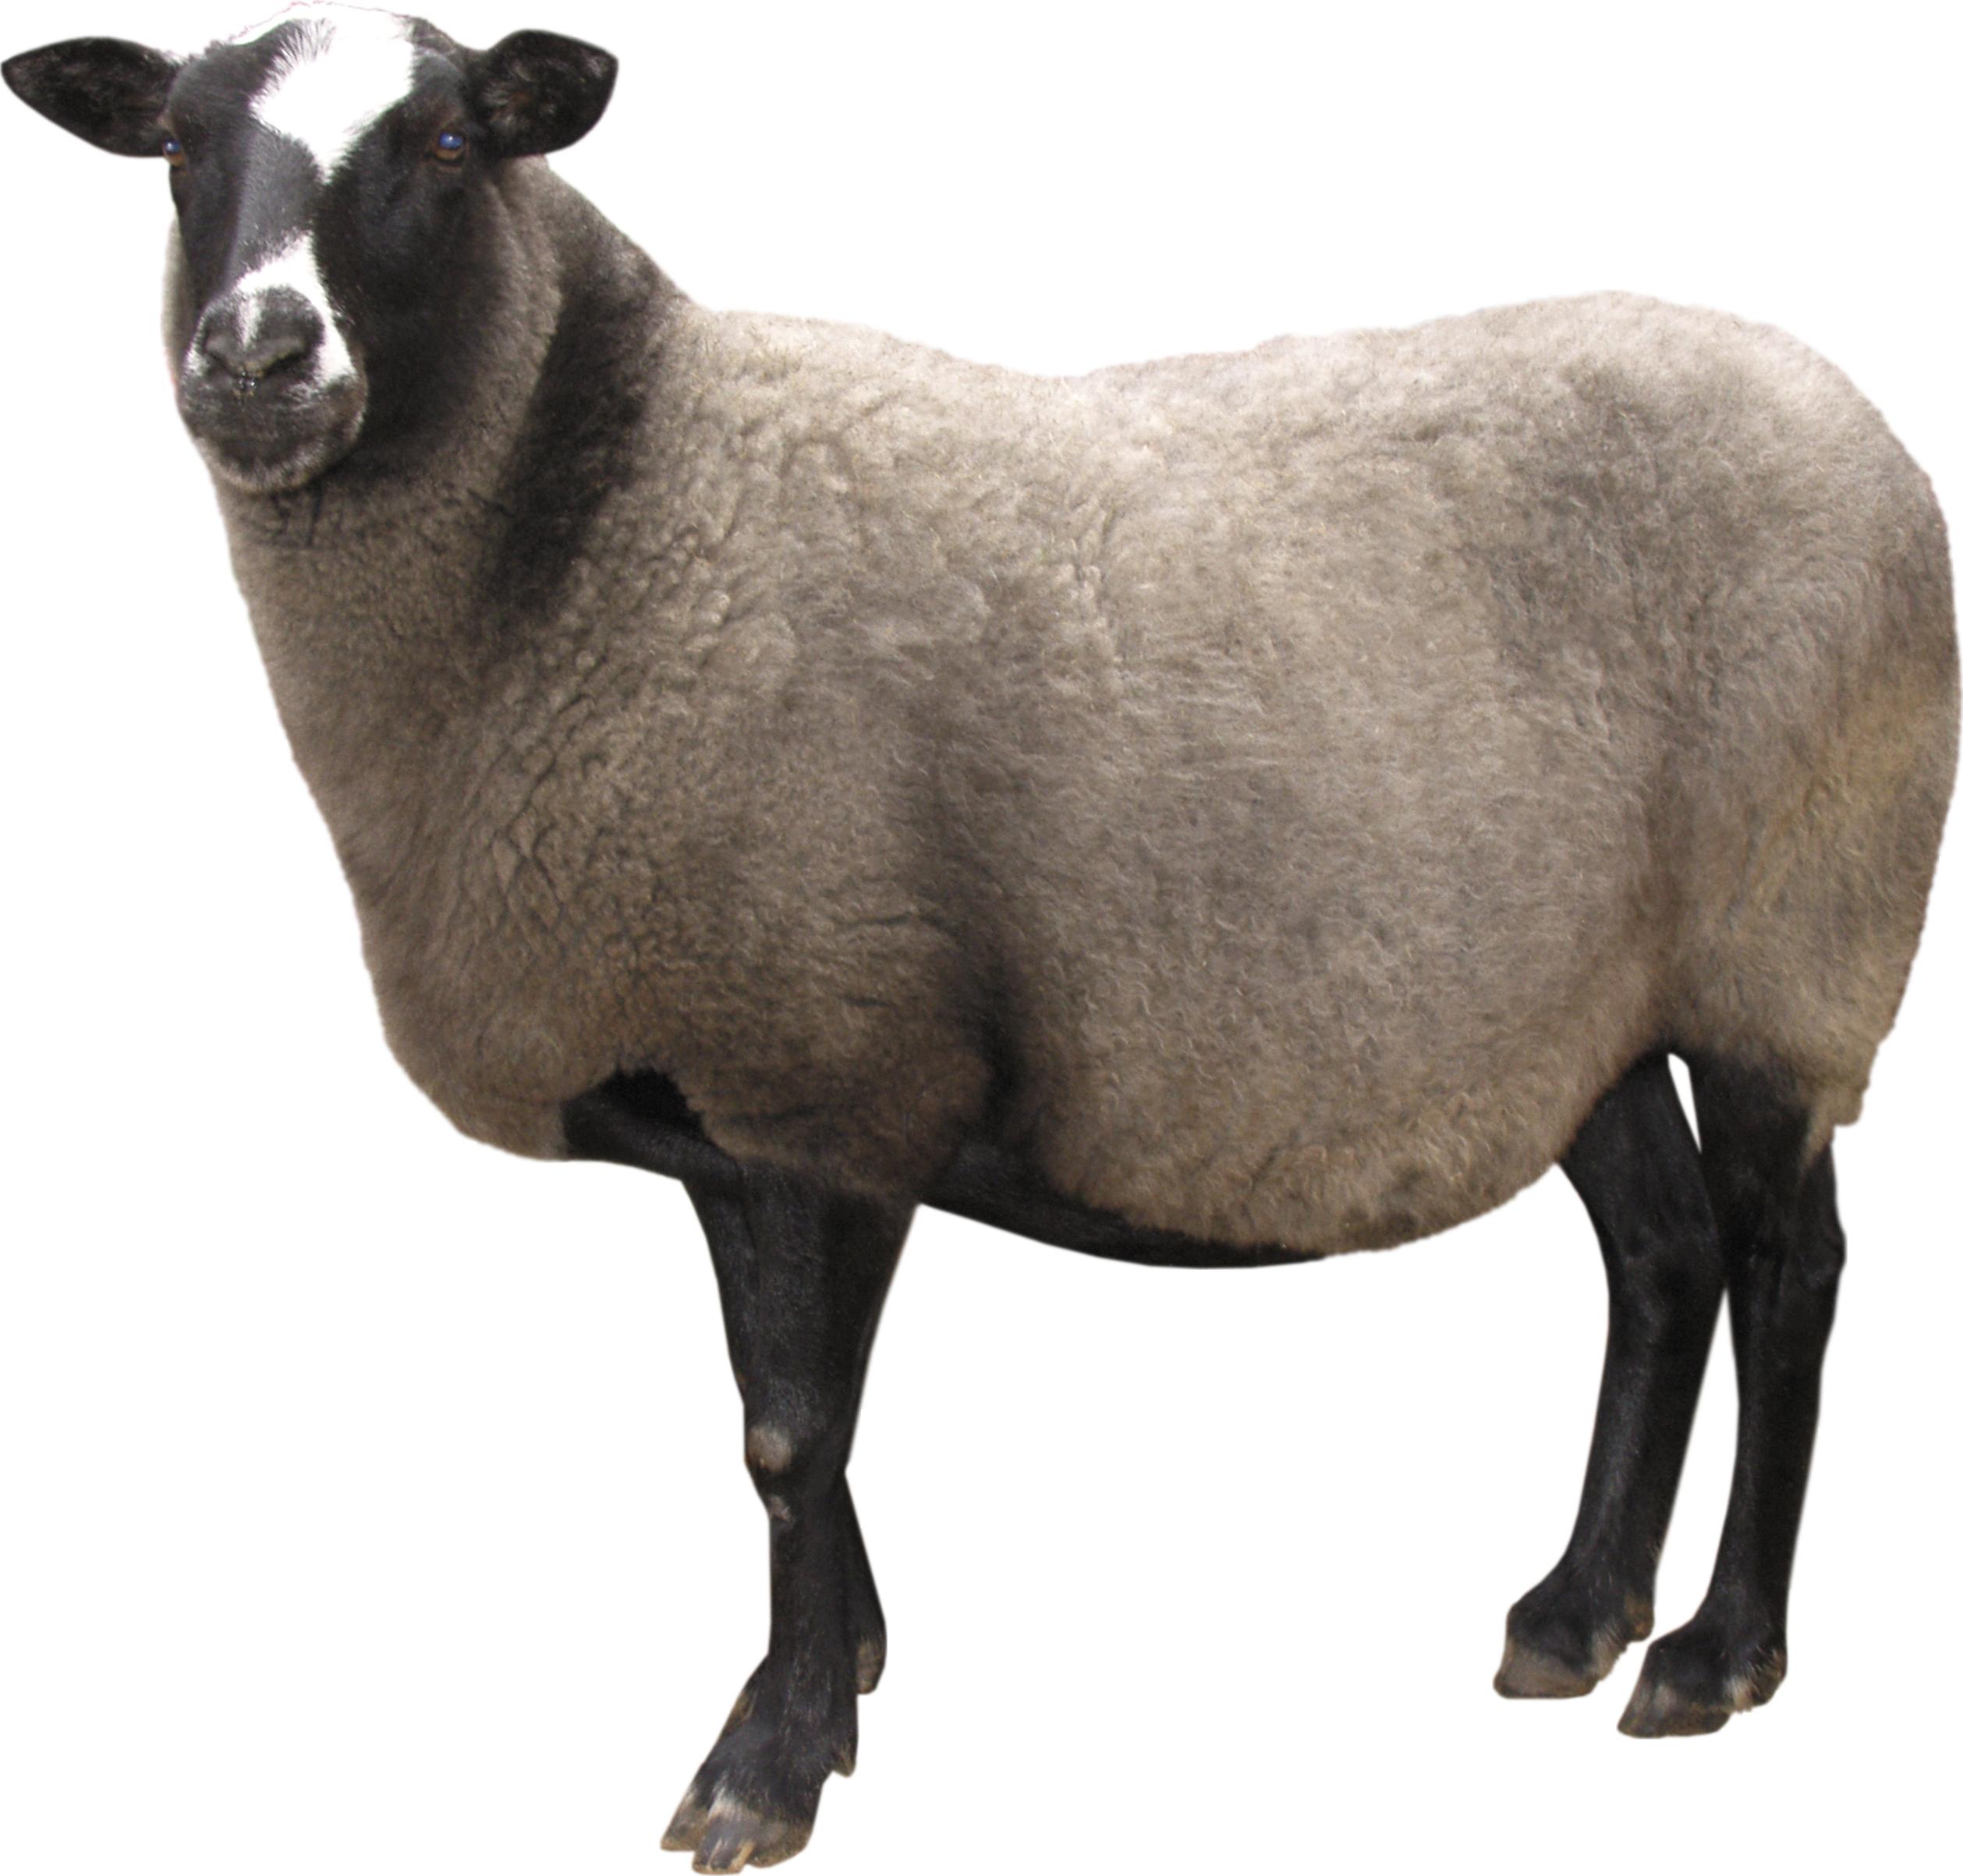 Sheep PNG - 6526